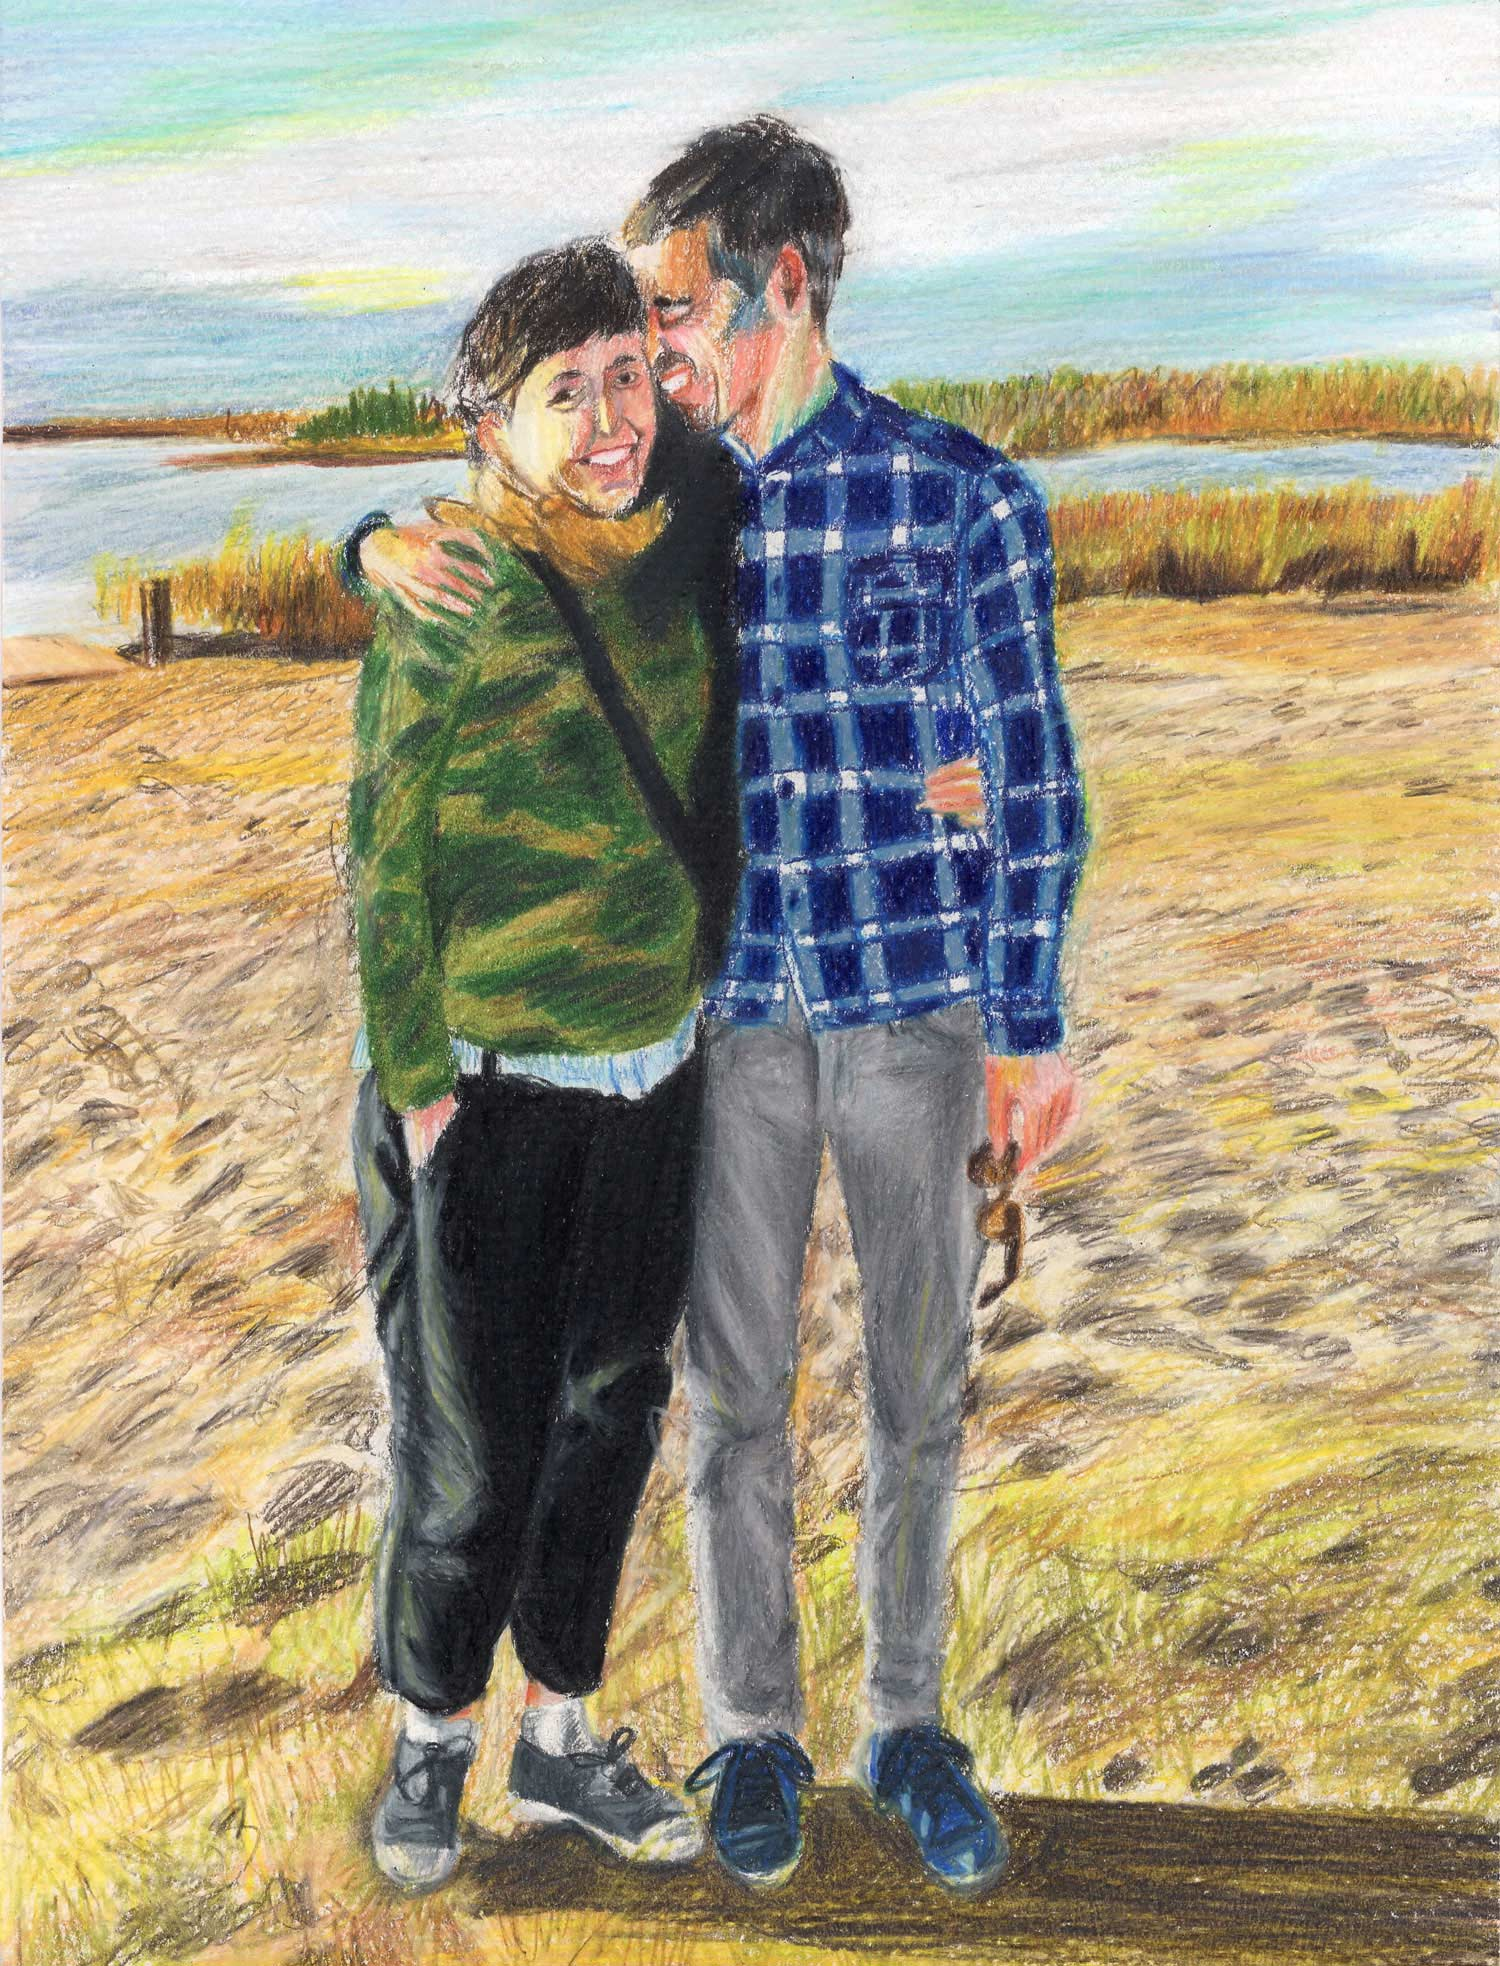 Jody and Cory